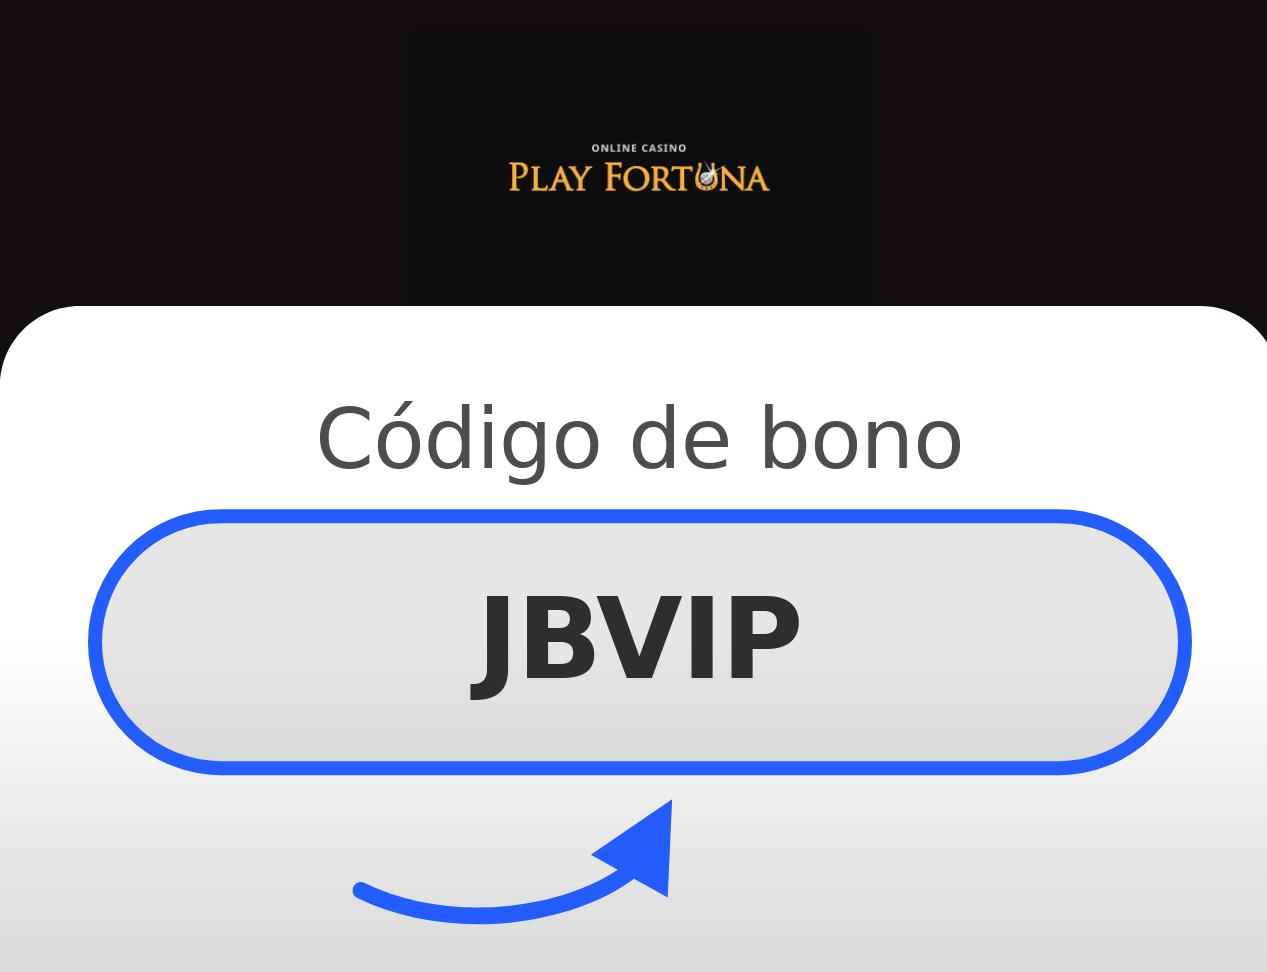 Play Fortuna Código de Bono